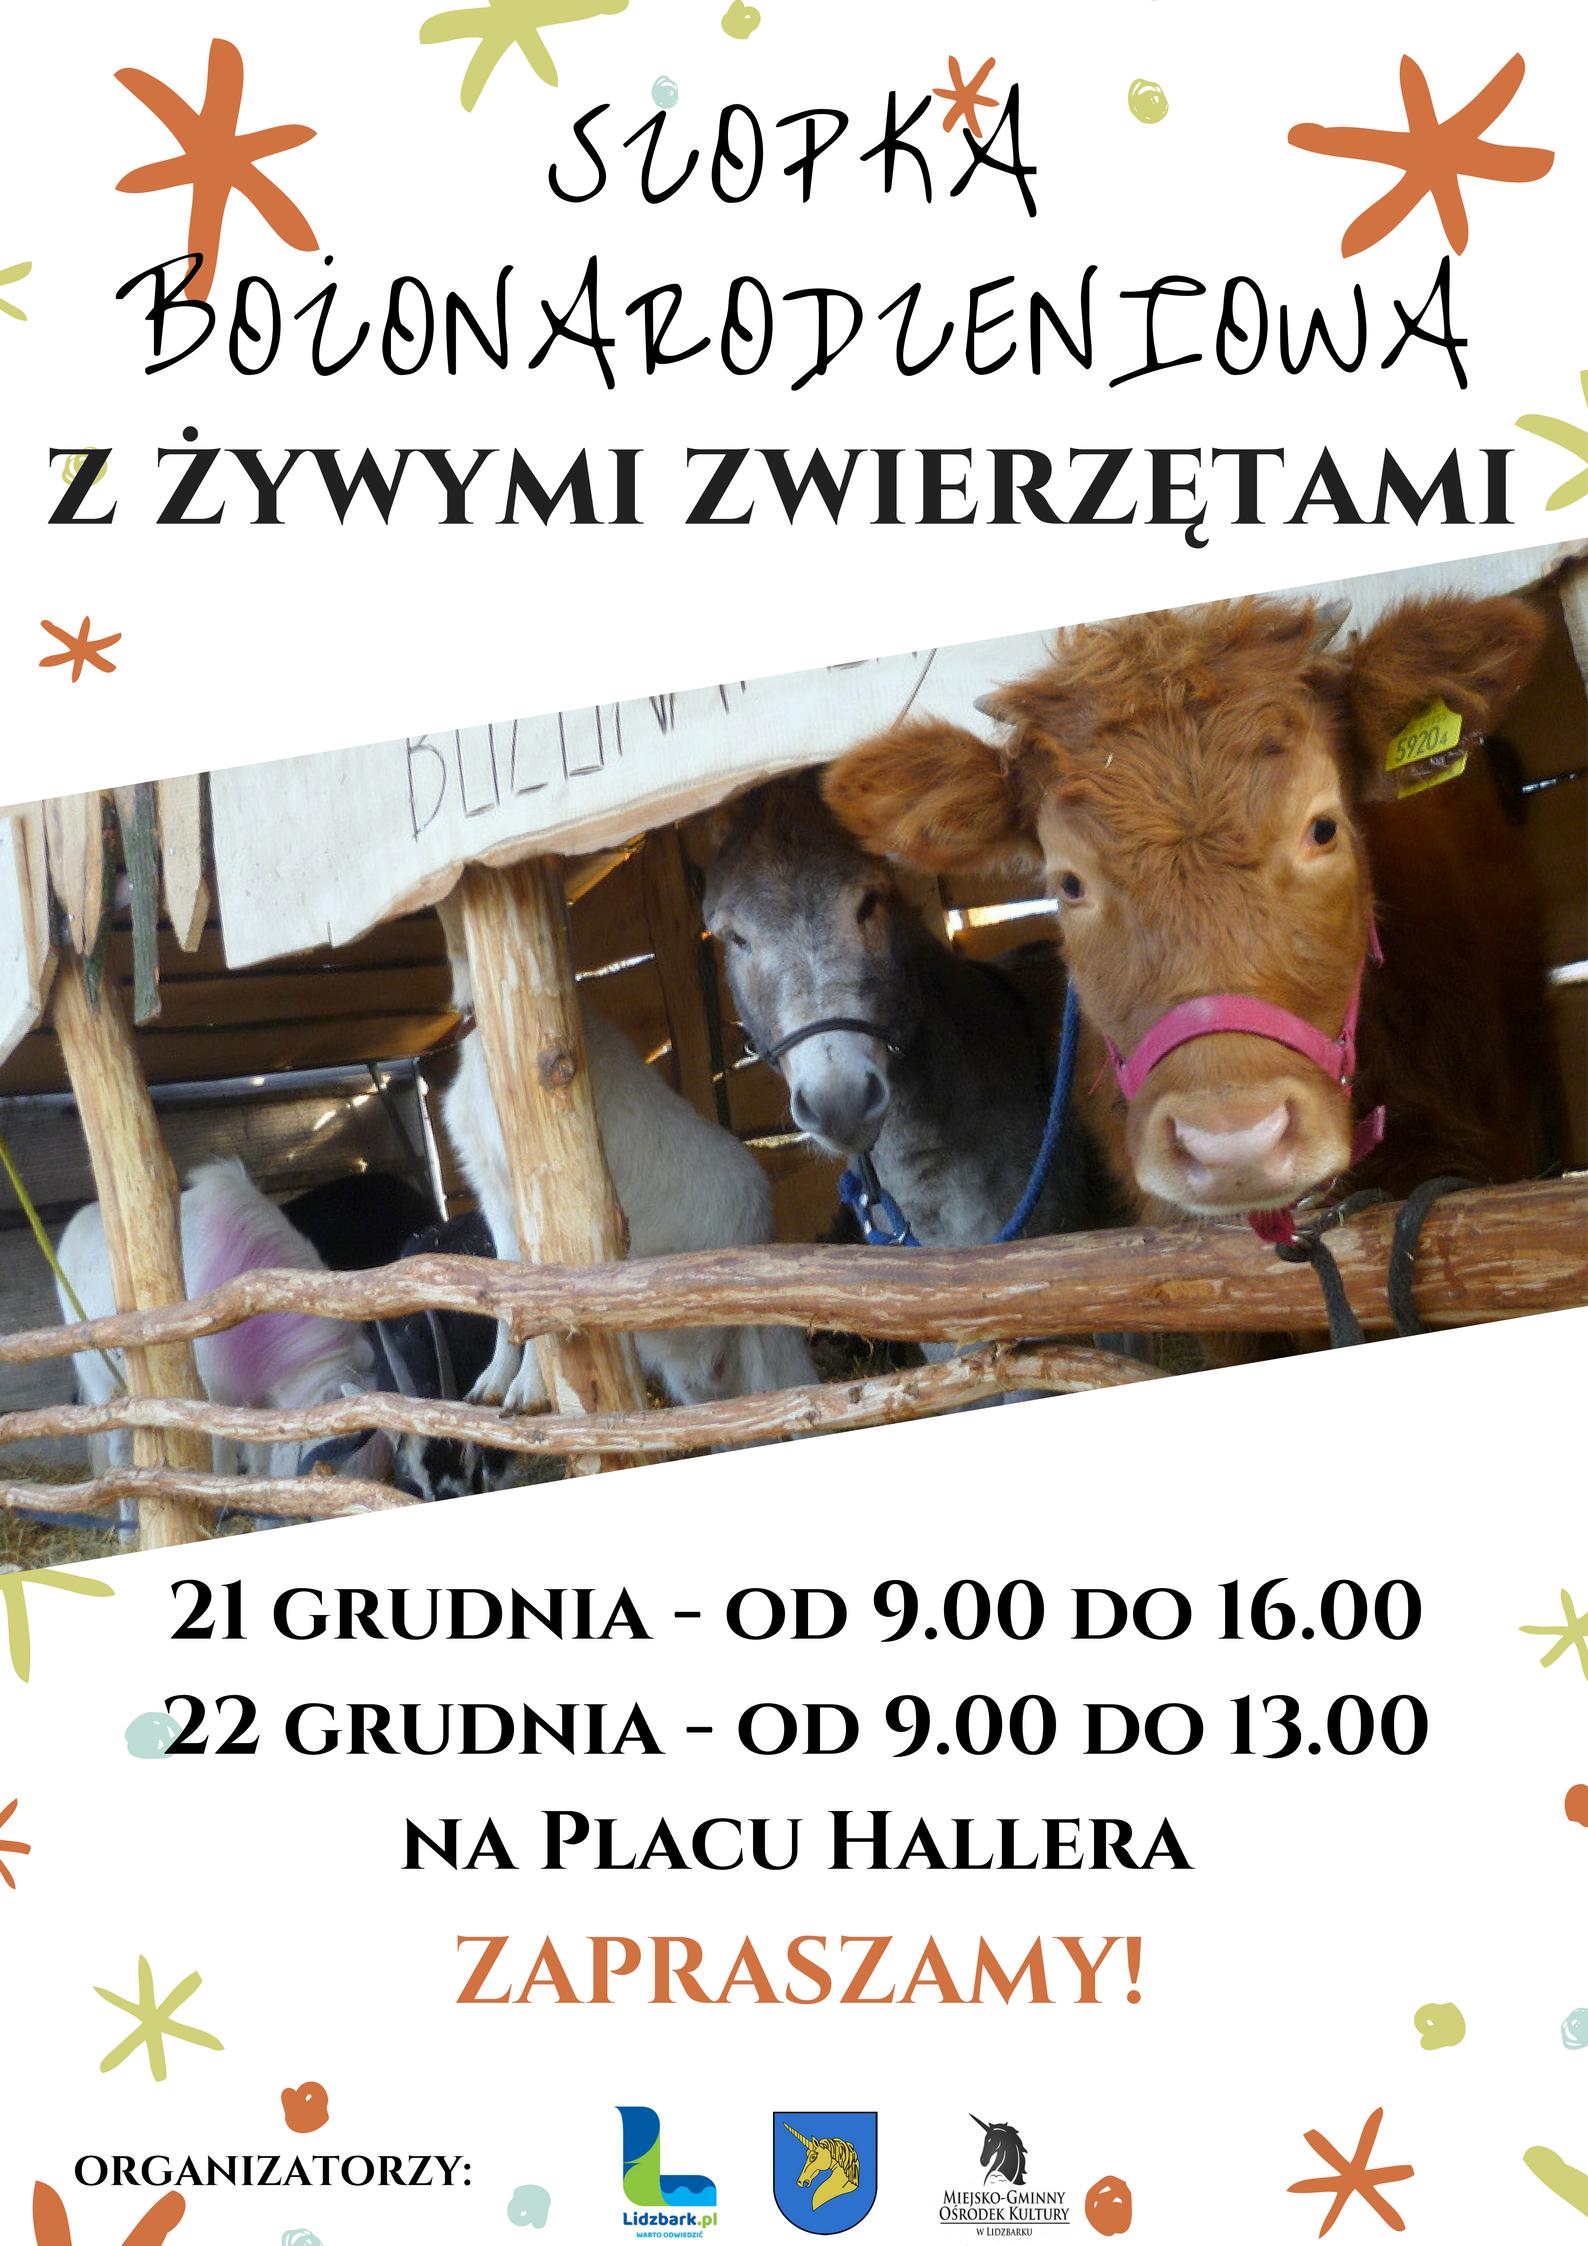 Szopka Bożonarodzeniowa z żywymi zwierzętami w Lidzbarku